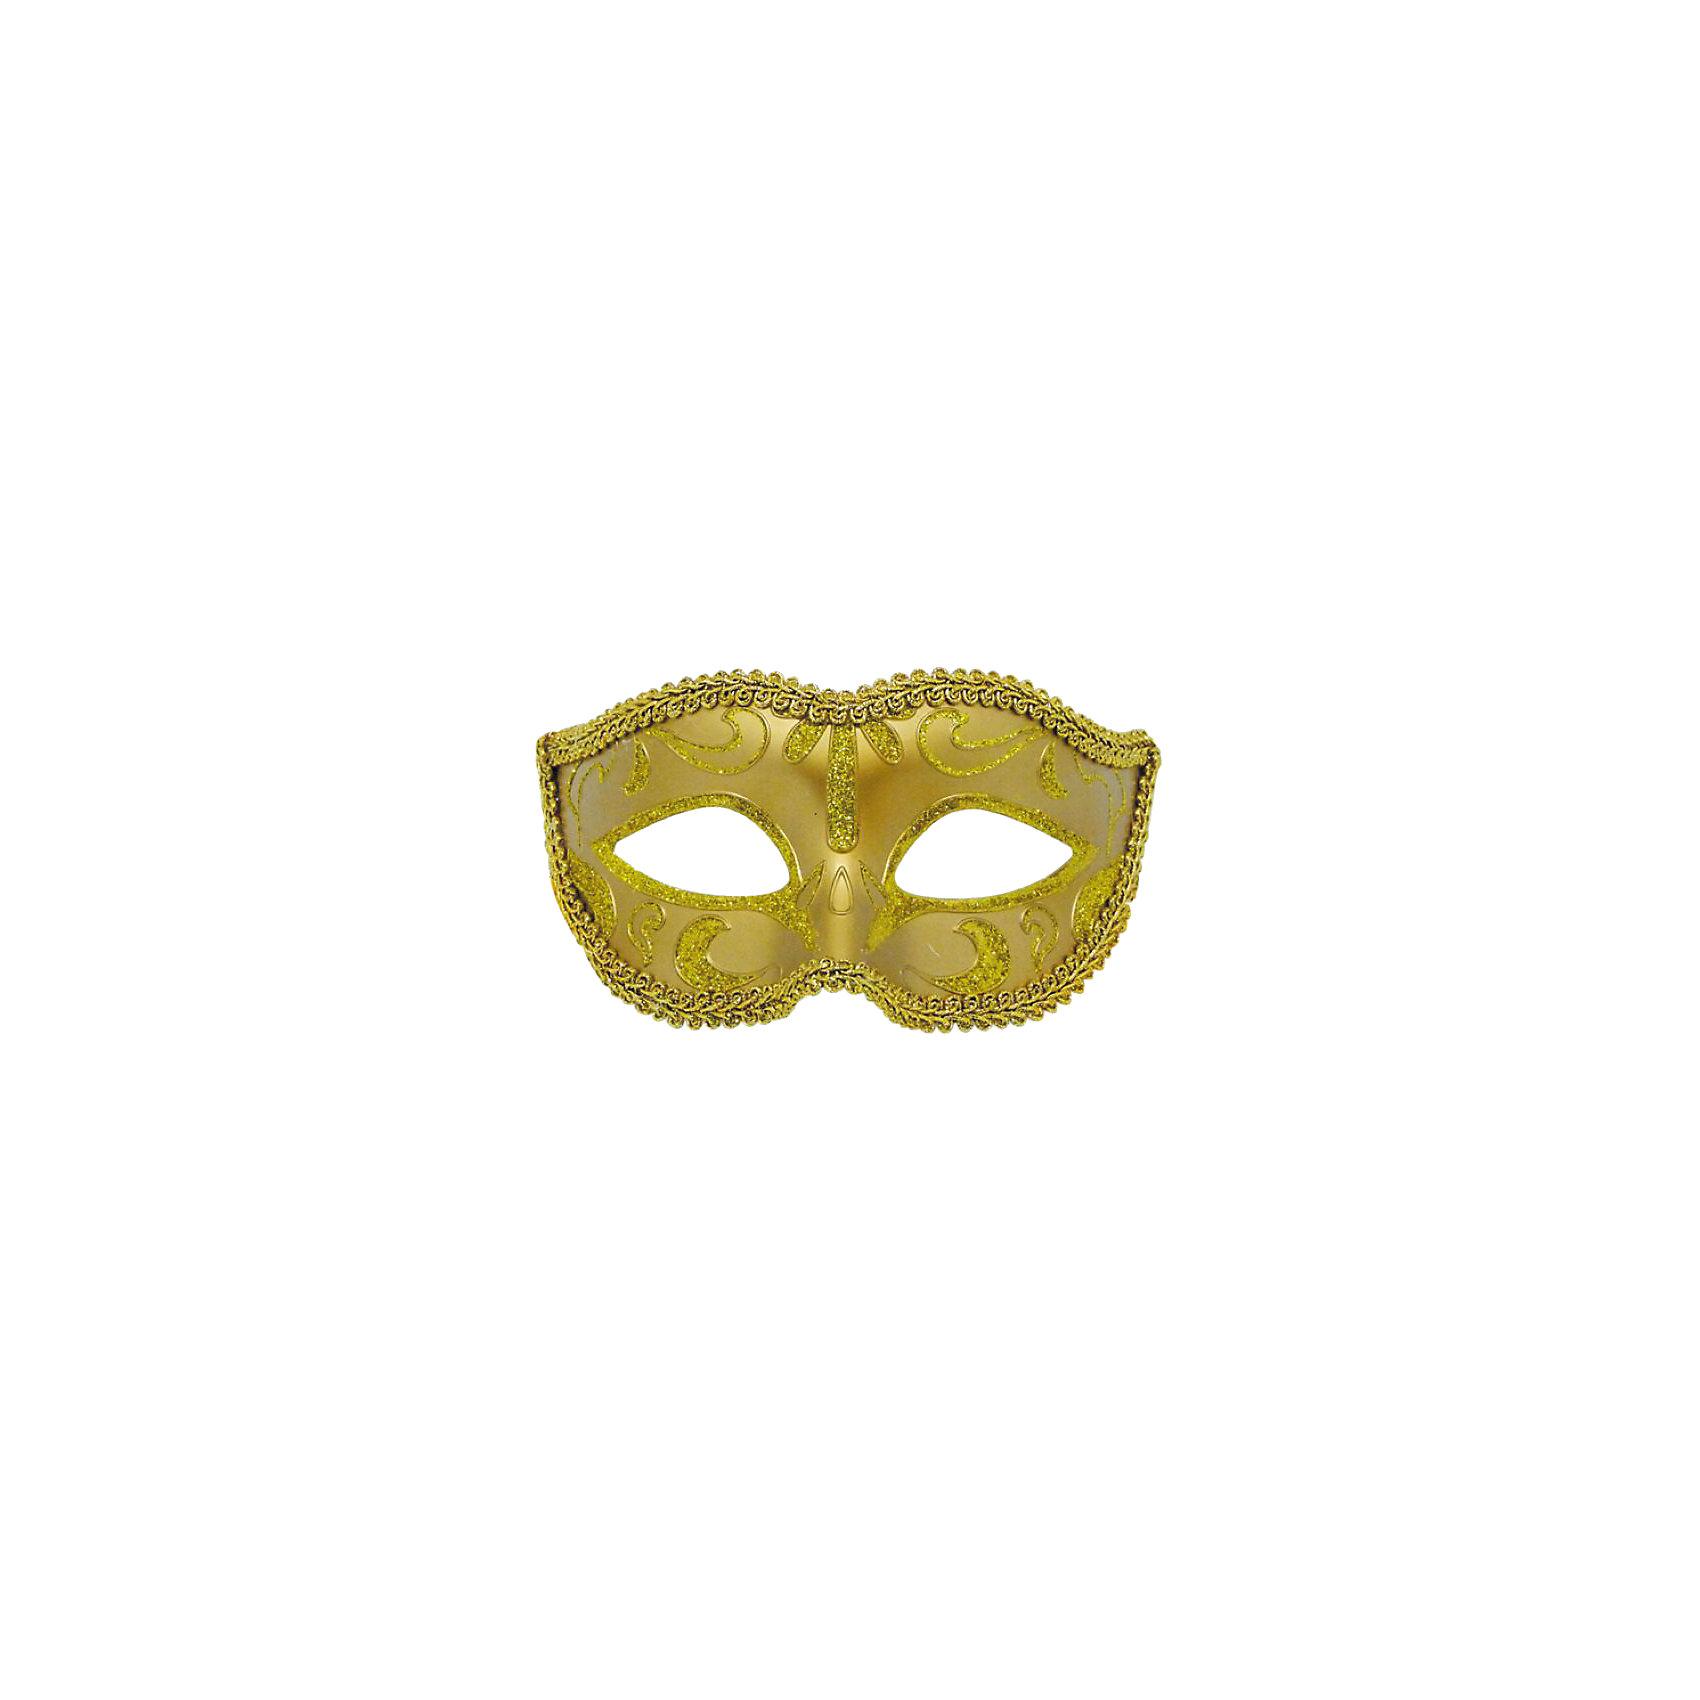 Карнавальная маска ЗолотоКарнавальная маска Золото – это возможность превратить праздник в необычное, яркое шоу.<br>Карнавальная маска Золото, изготовленная из пластика и украшенная глиттером, внесет нотку задора и веселья в праздник. Маска станет завершающим штрихом в создании праздничного образа. Изделие крепится на голове при помощи атласной ленты. В этой роскошной маске вы будете неотразимы!<br><br>Дополнительная информация:<br><br>- Размер: 15,6 х 10,3 х 7,5 см.<br>- Материал: пластик<br><br>Карнавальную маску Золото можно купить в нашем интернет-магазине.<br><br>Ширина мм: 156<br>Глубина мм: 103<br>Высота мм: 75<br>Вес г: 25<br>Возраст от месяцев: 48<br>Возраст до месяцев: 72<br>Пол: Унисекс<br>Возраст: Детский<br>SKU: 4280629